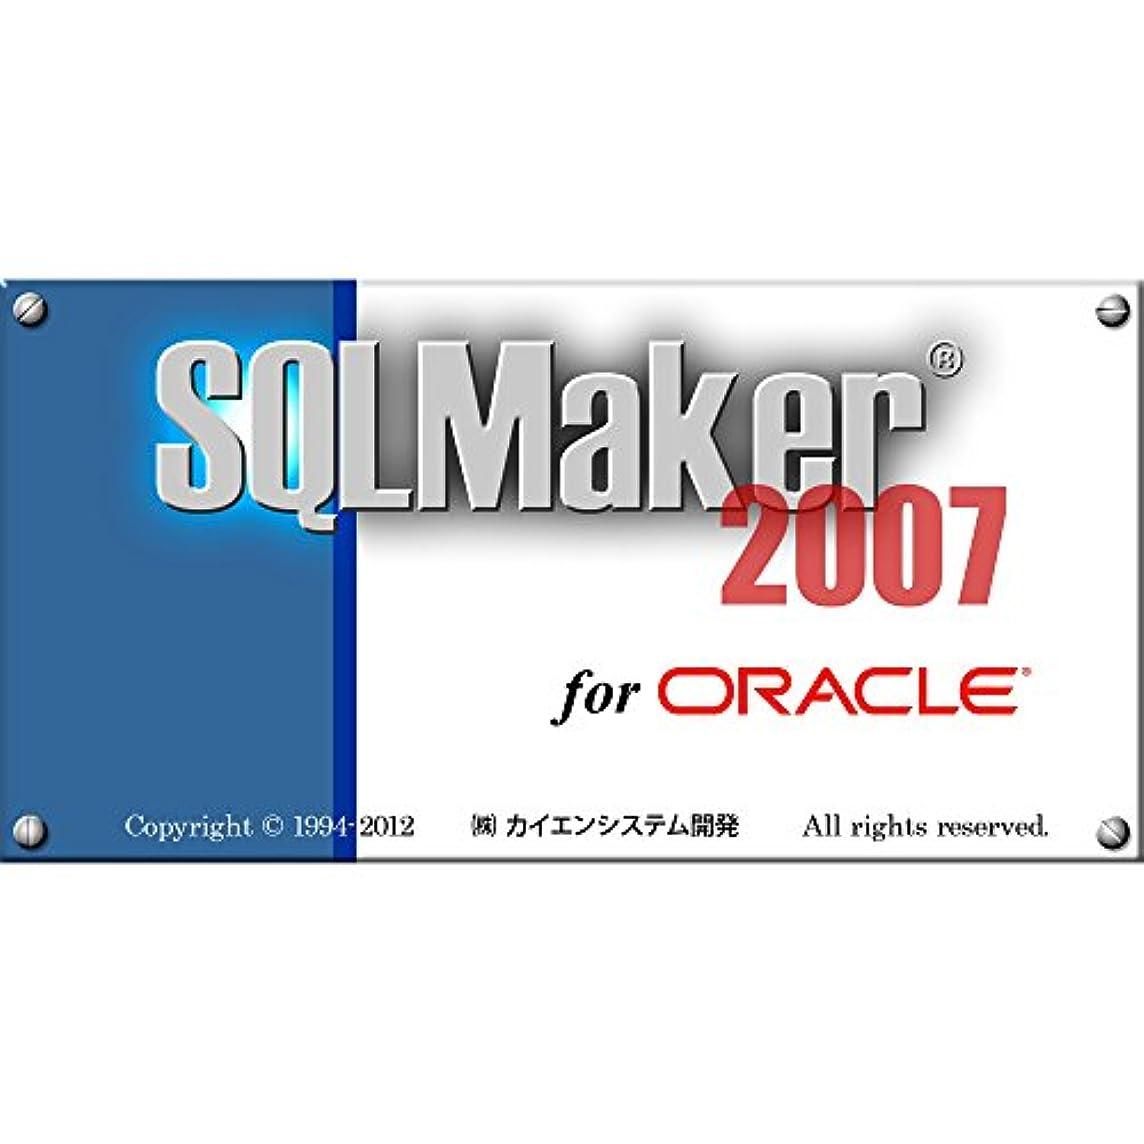 記録領域足音SQLMaker2007 for Oracle (DLマスターパッケージ1ライセンス)